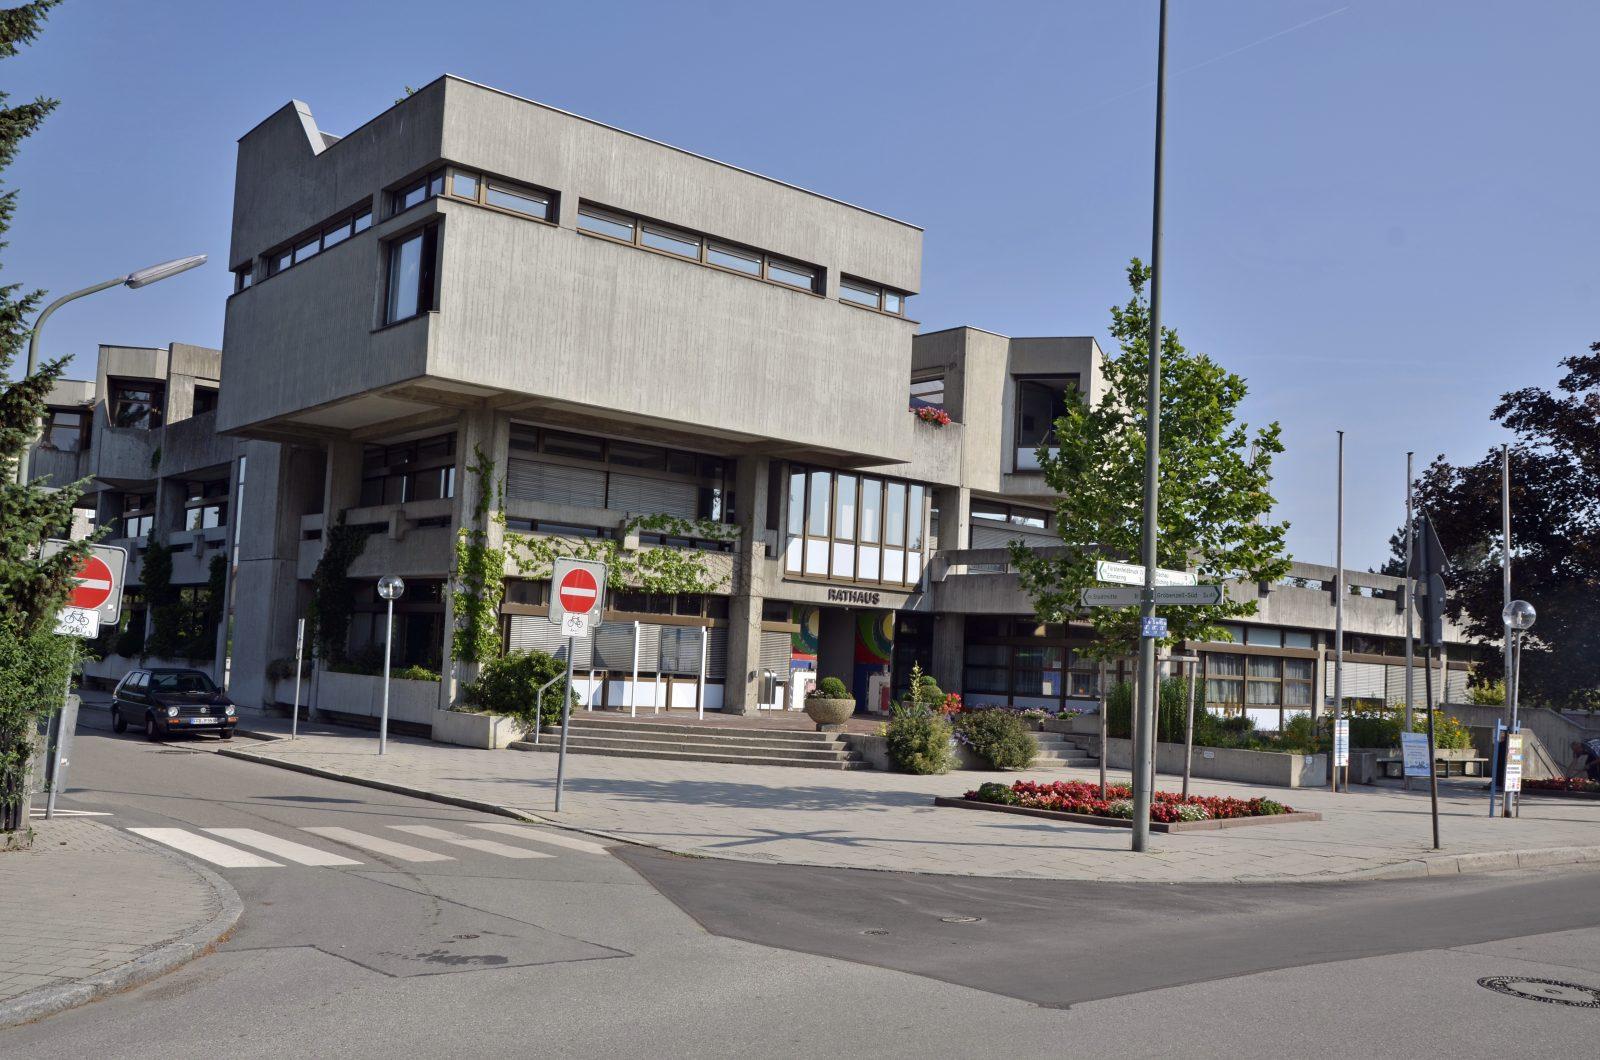 Rathaus von Olching: Foto: Bürgermeister sucht Wohnungen für Moria-Migranten